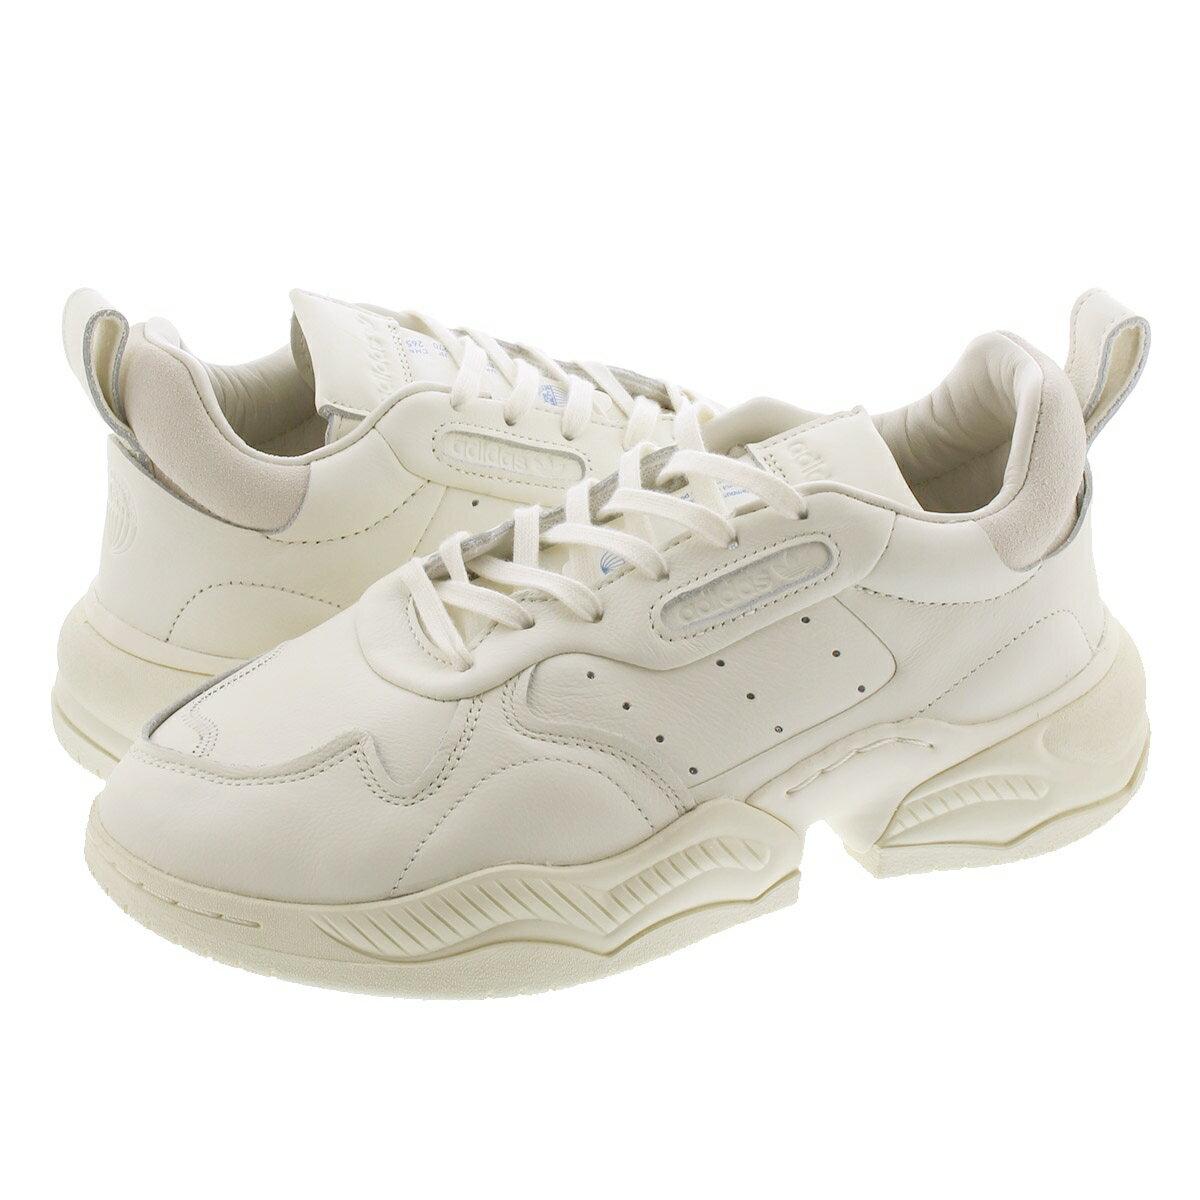 メンズ靴, スニーカー adidas SUPERCOURT RX RX OFF WHITEOFF WHITEOFF WHITE eg6864